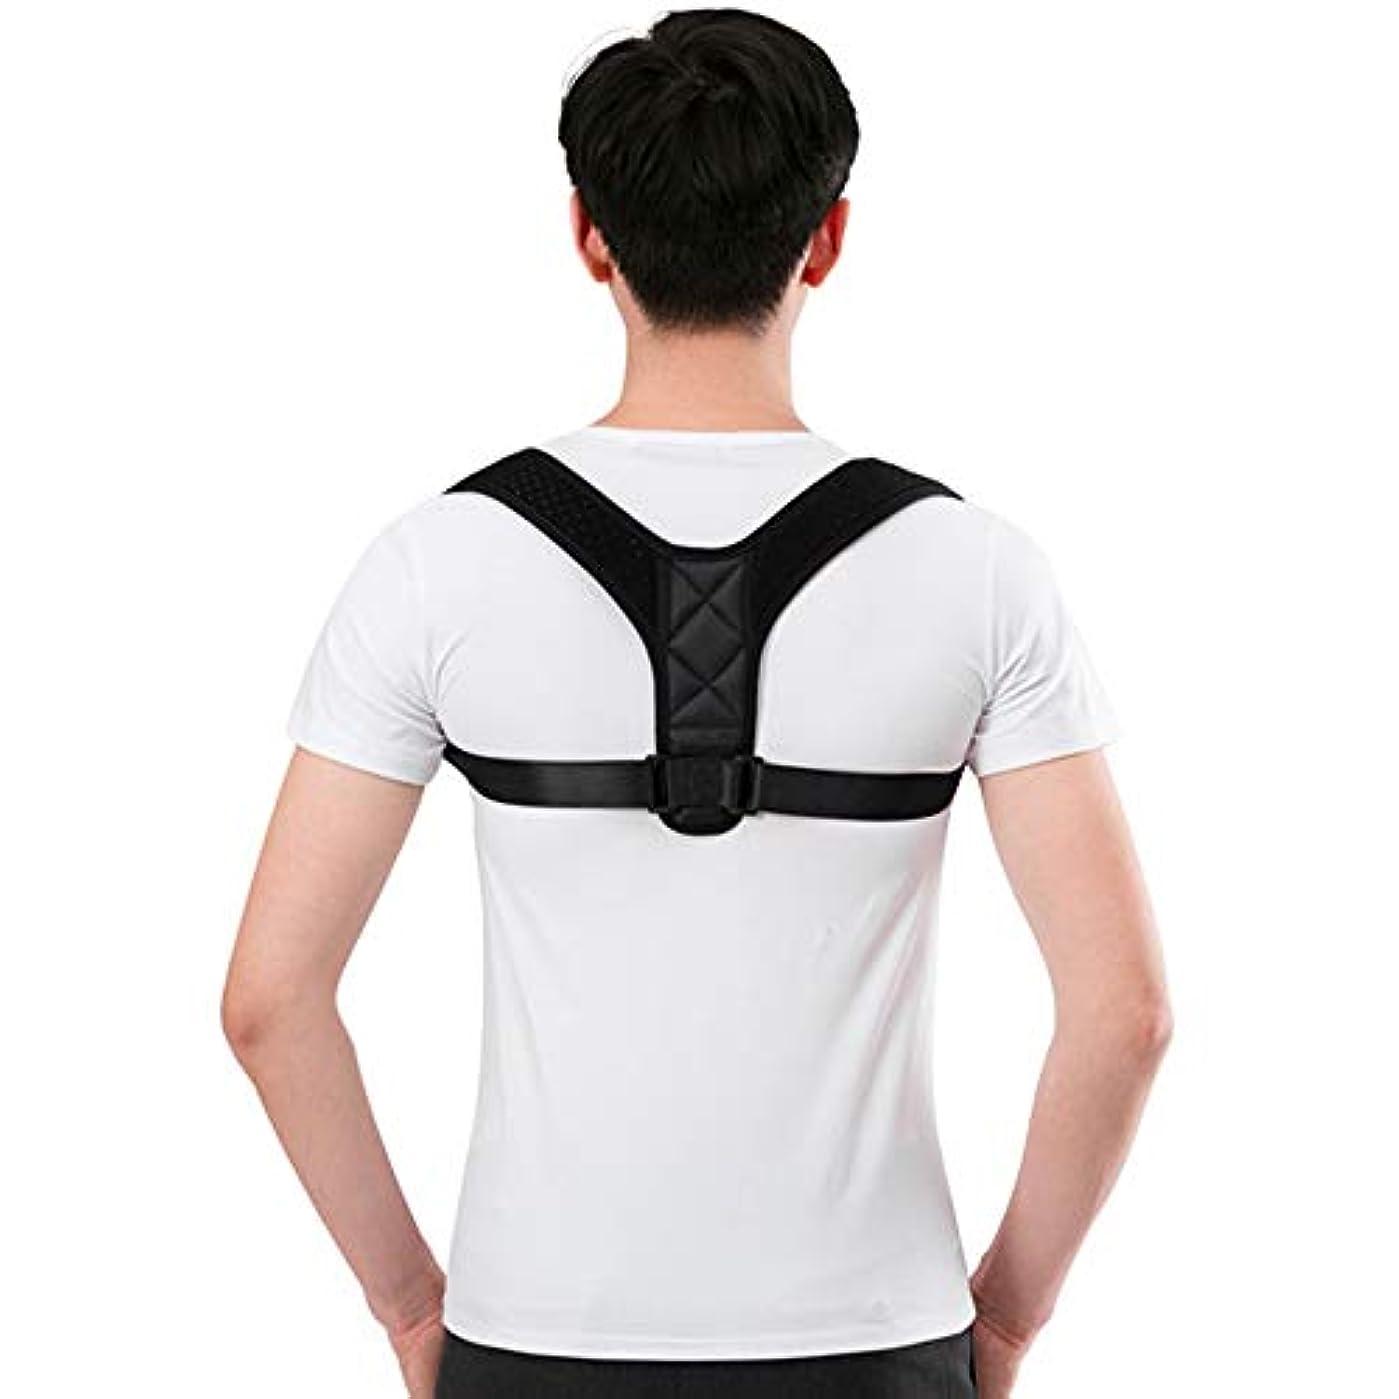 追記気怠い聴覚男性と女性の座位矯正装置、調整可能な目に見えない通気性の鎖骨/背中矯正、背中/首/肩の痛みの緩和理学療法、学生/大人/男女兼用ZDDAB